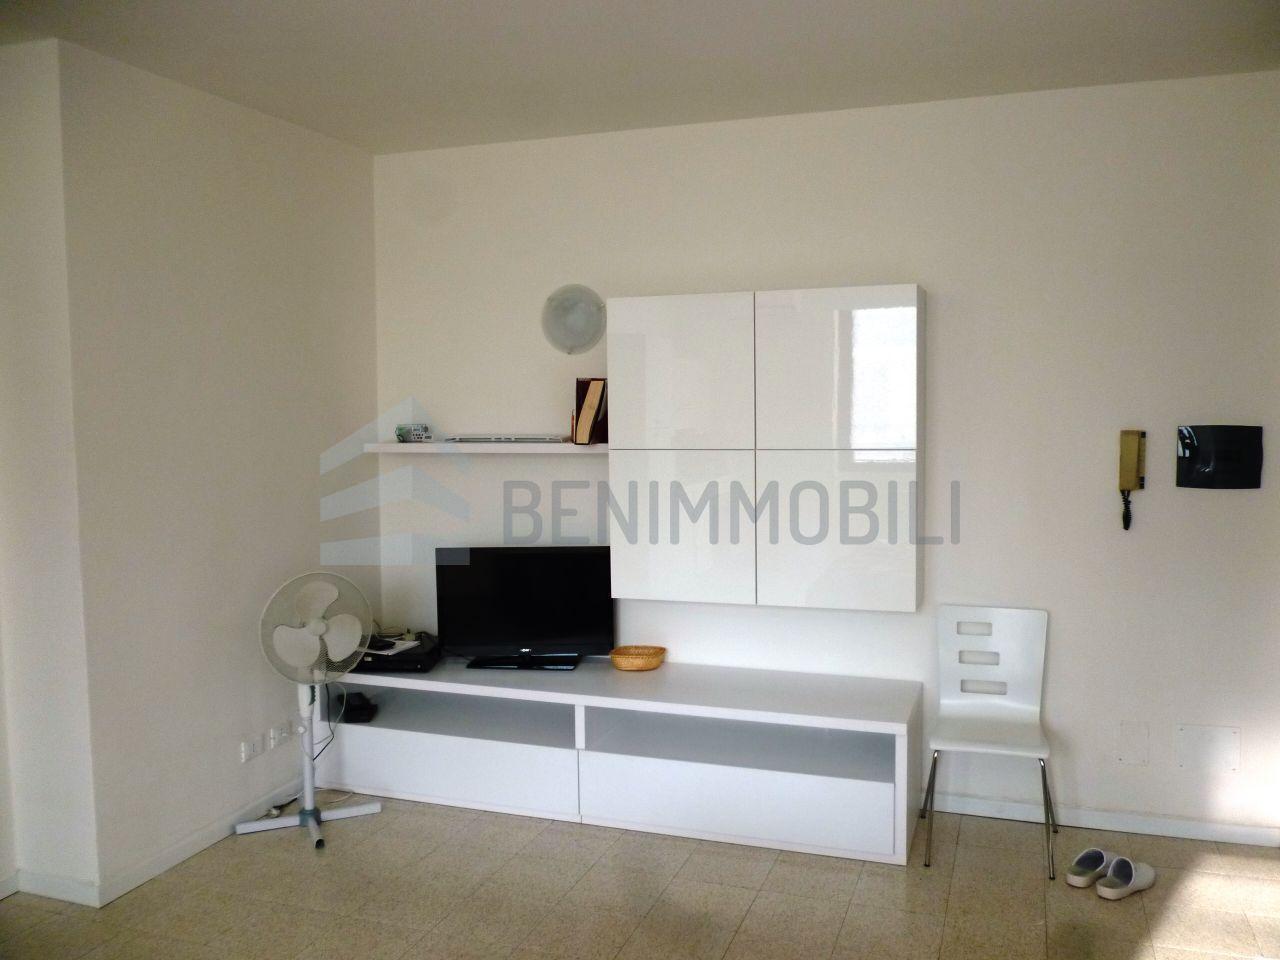 Appartamenti in vendita affitto a i migliori immobili a for Appartamenti arredati in affitto brescia